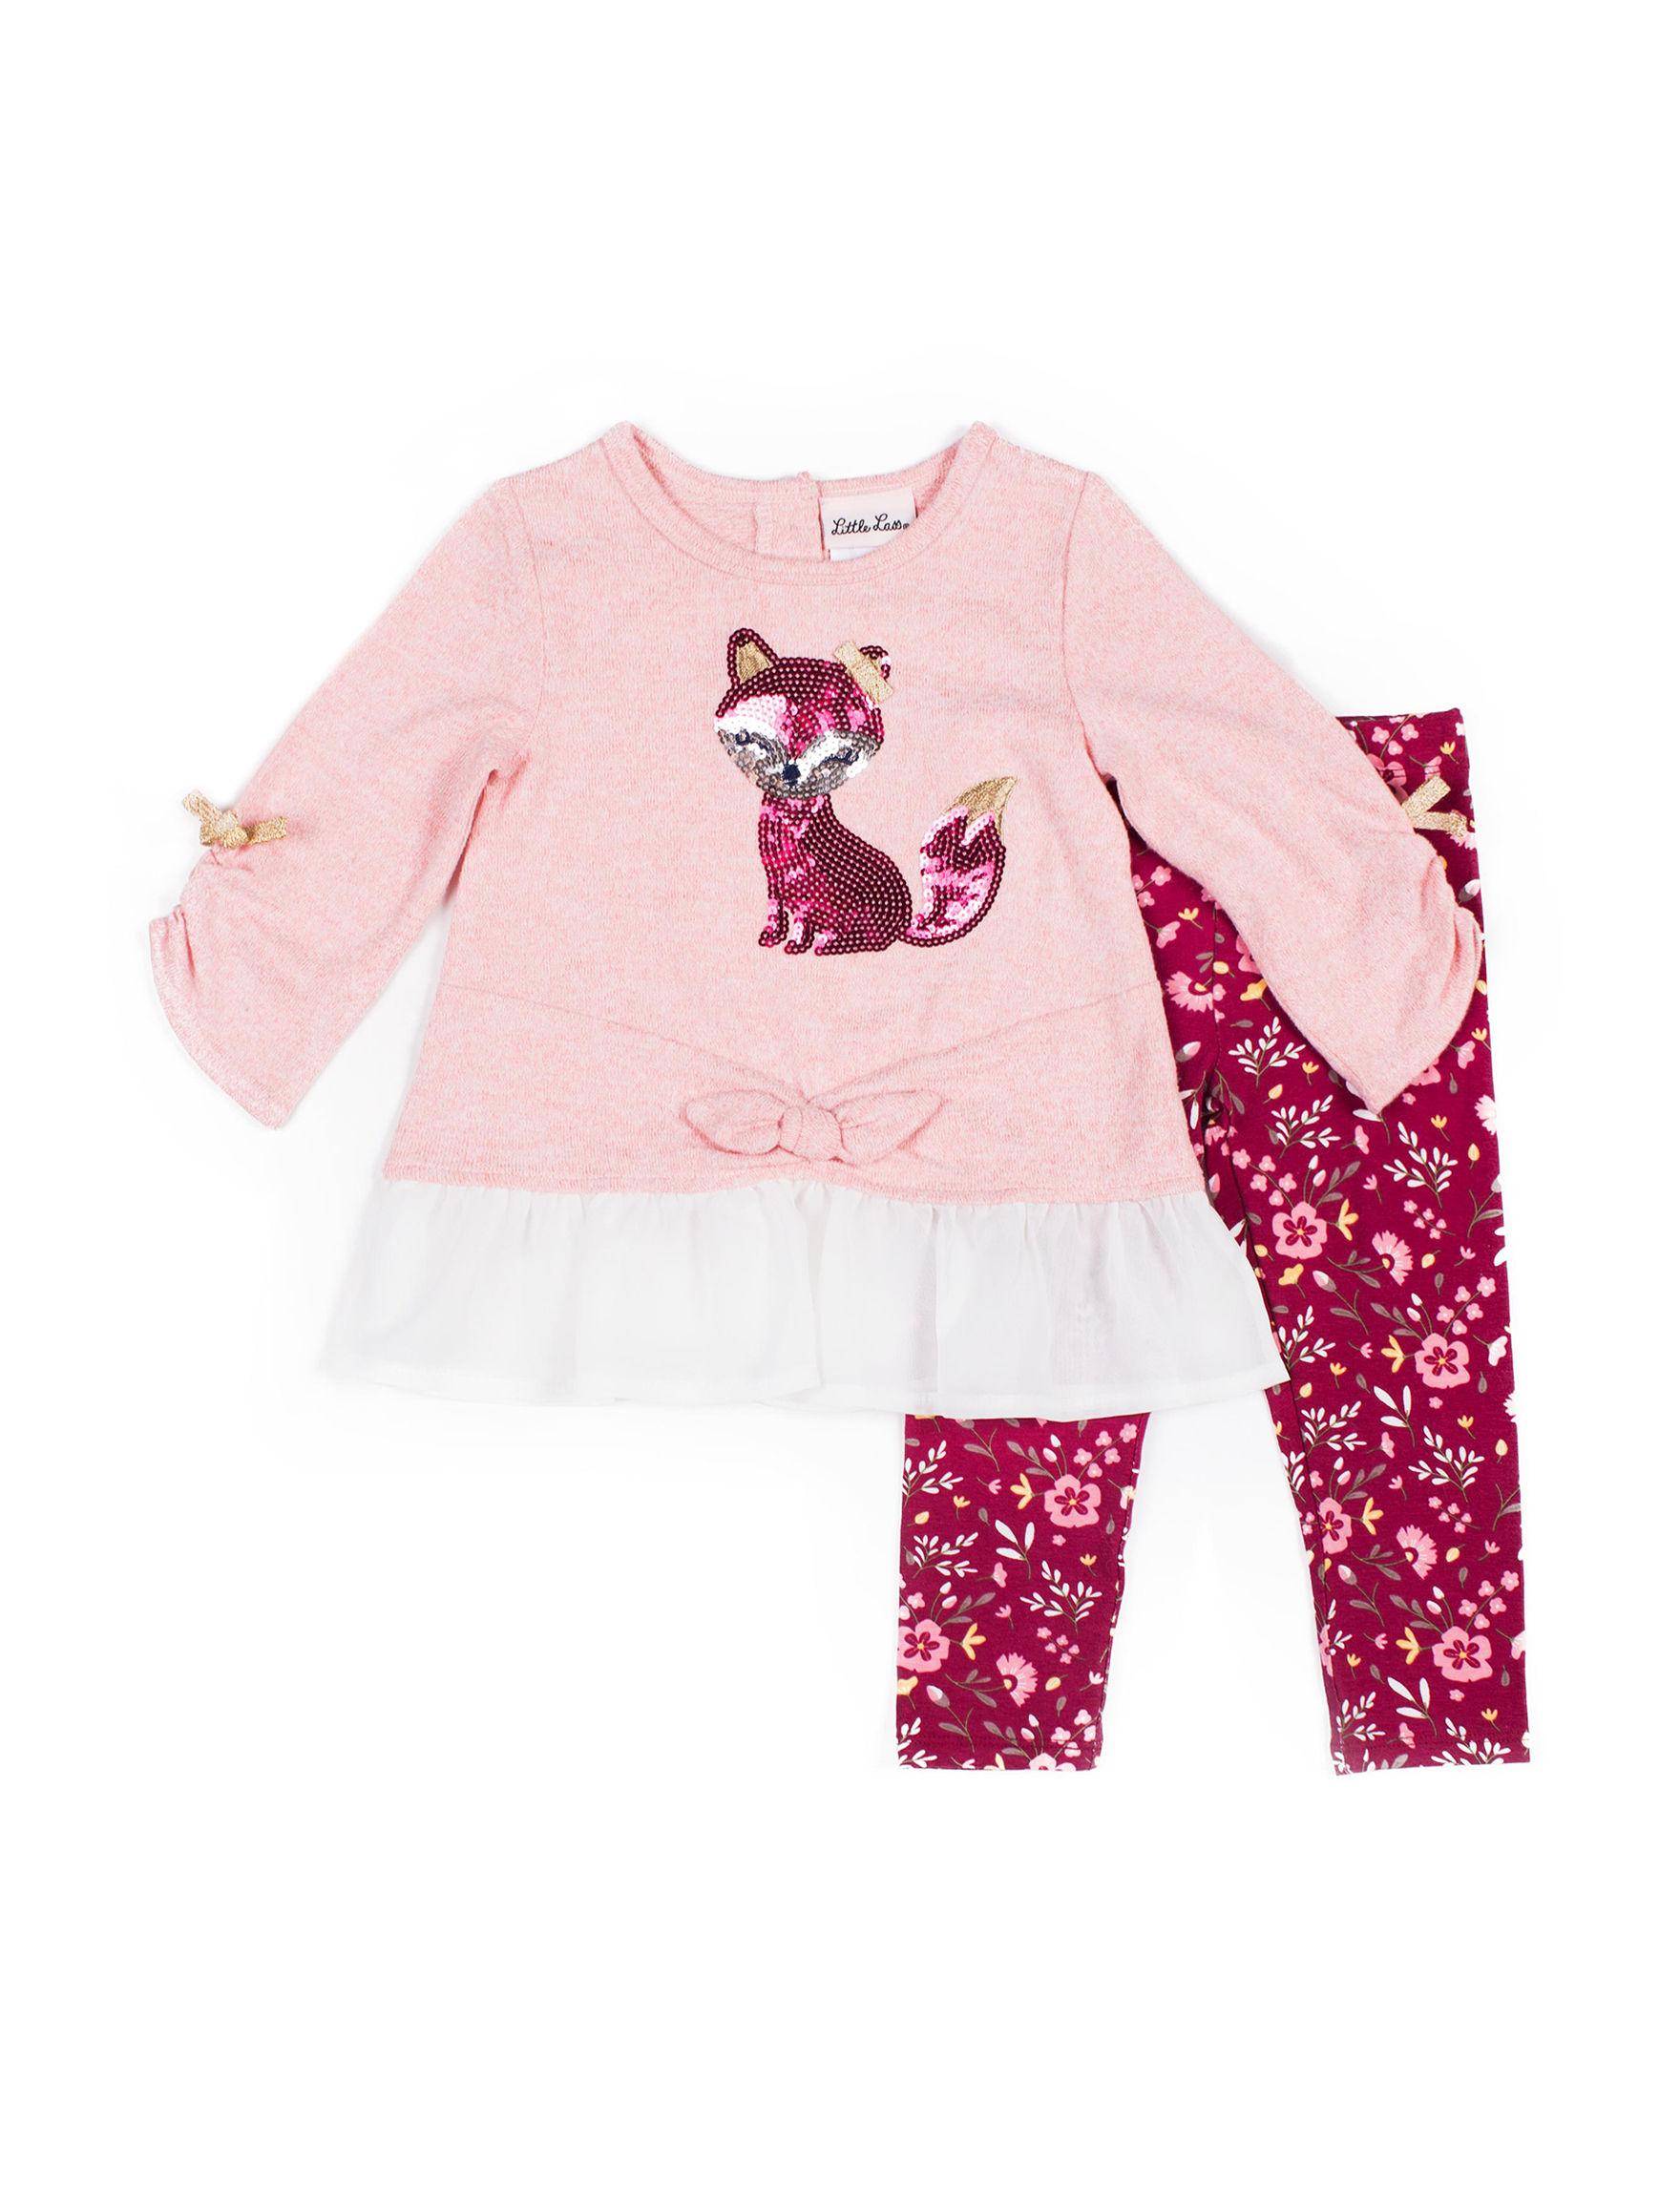 Little Lass Pink / Burgundy